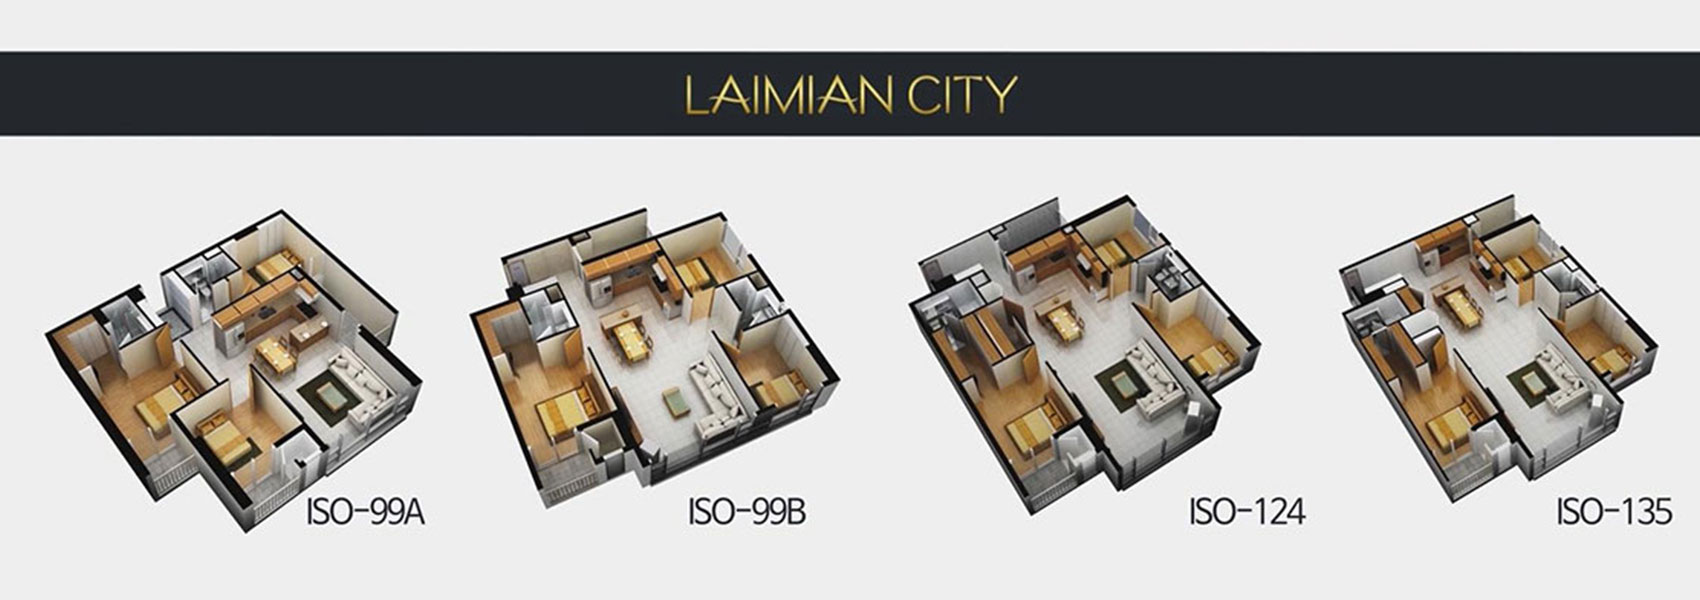 Thiết kế căn hộ Laimian City quận 2